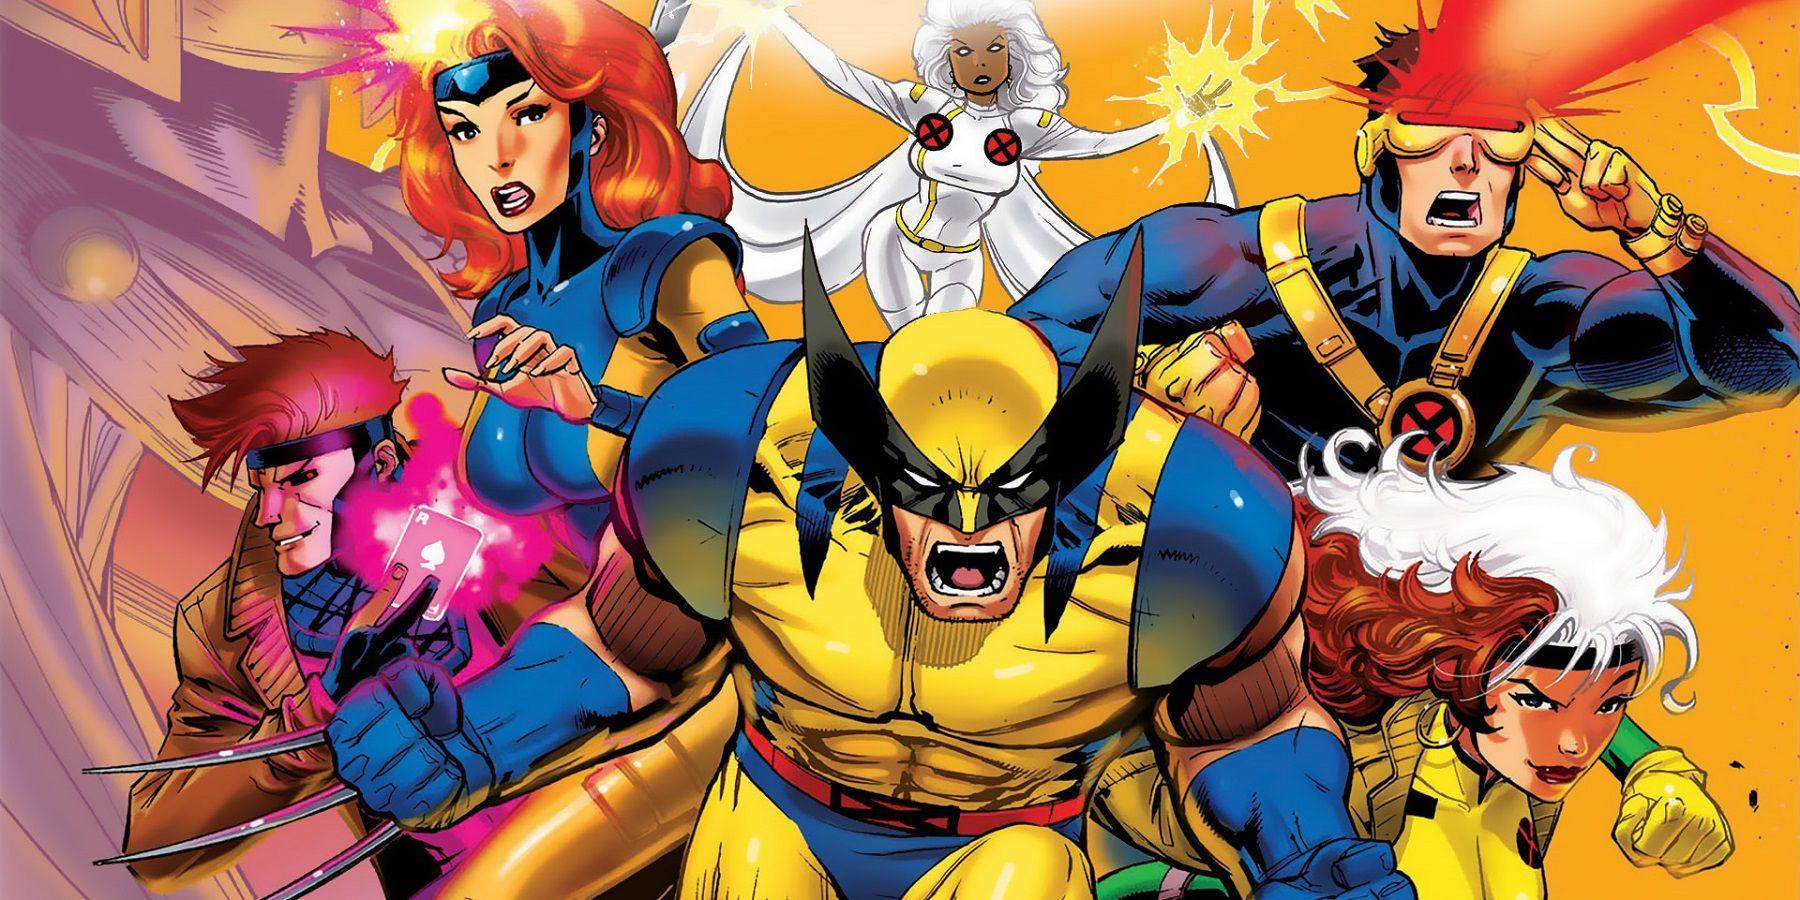 «X-Men»: los mutantes coparon la TV